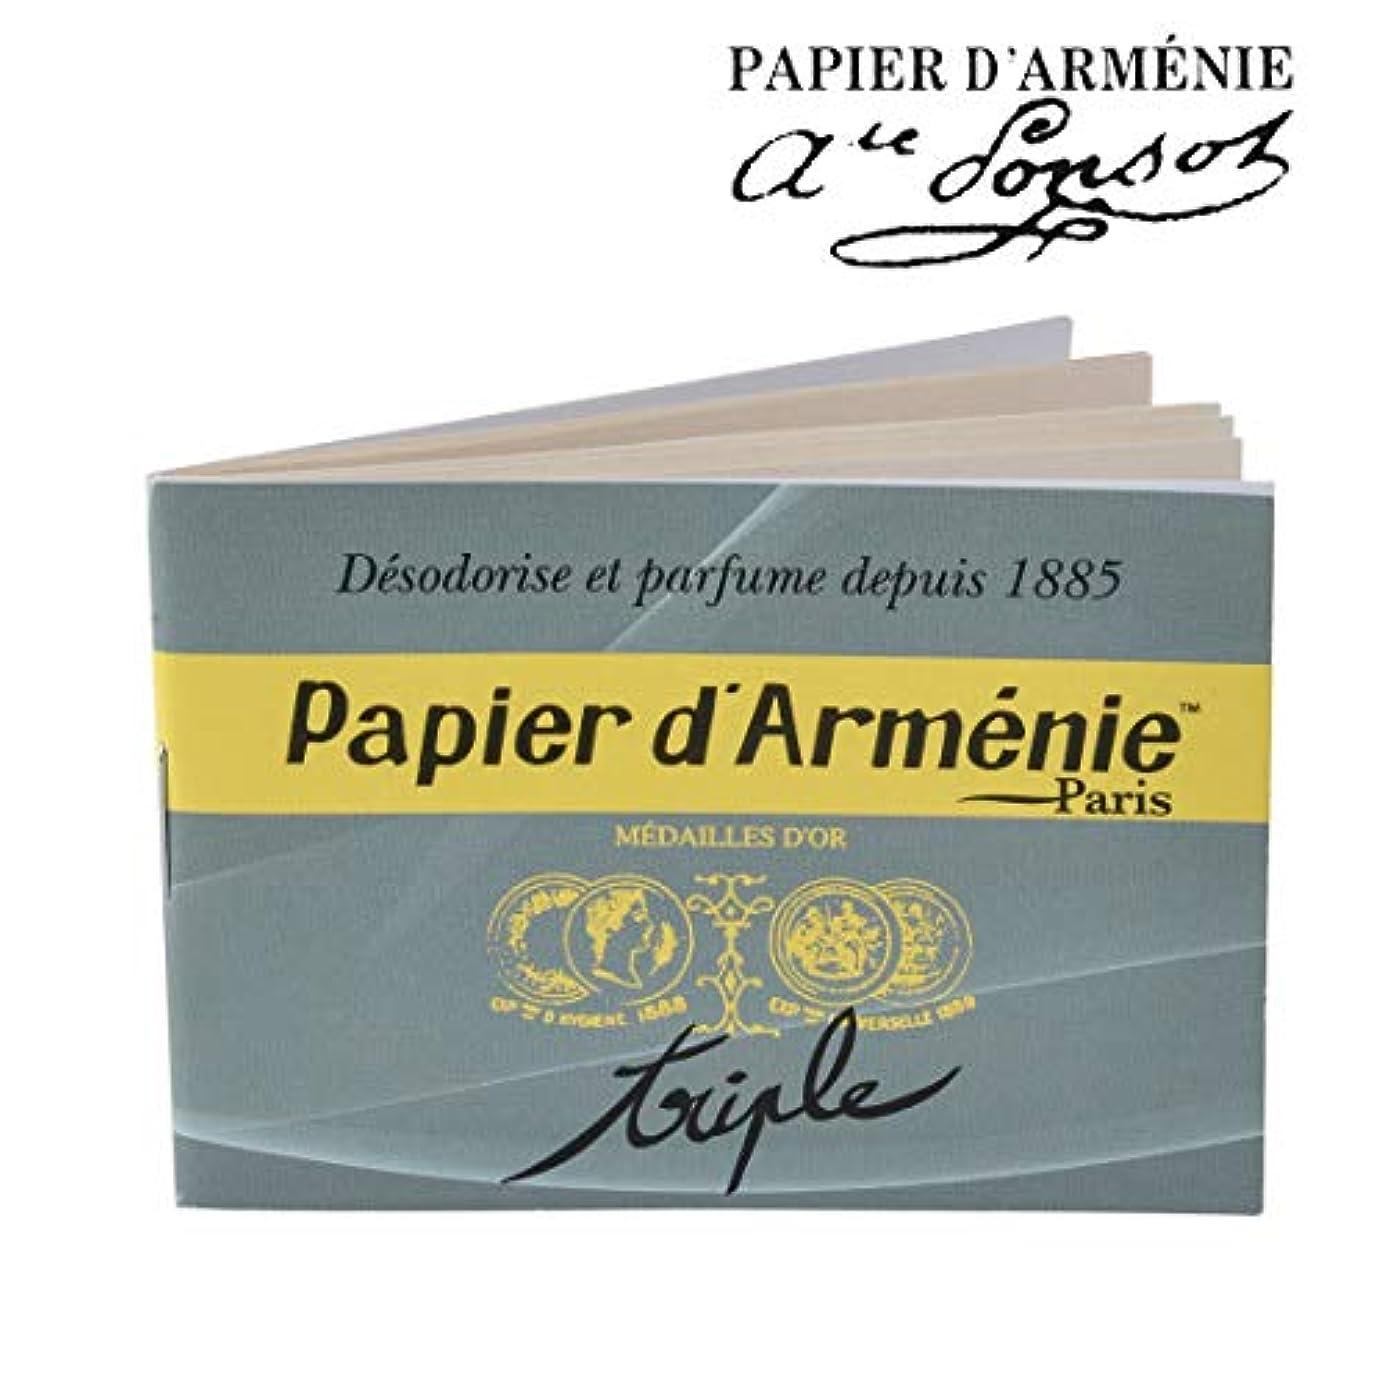 鋸歯状子供っぽいビートpapier d armenie パピエダルメニイ トリプル